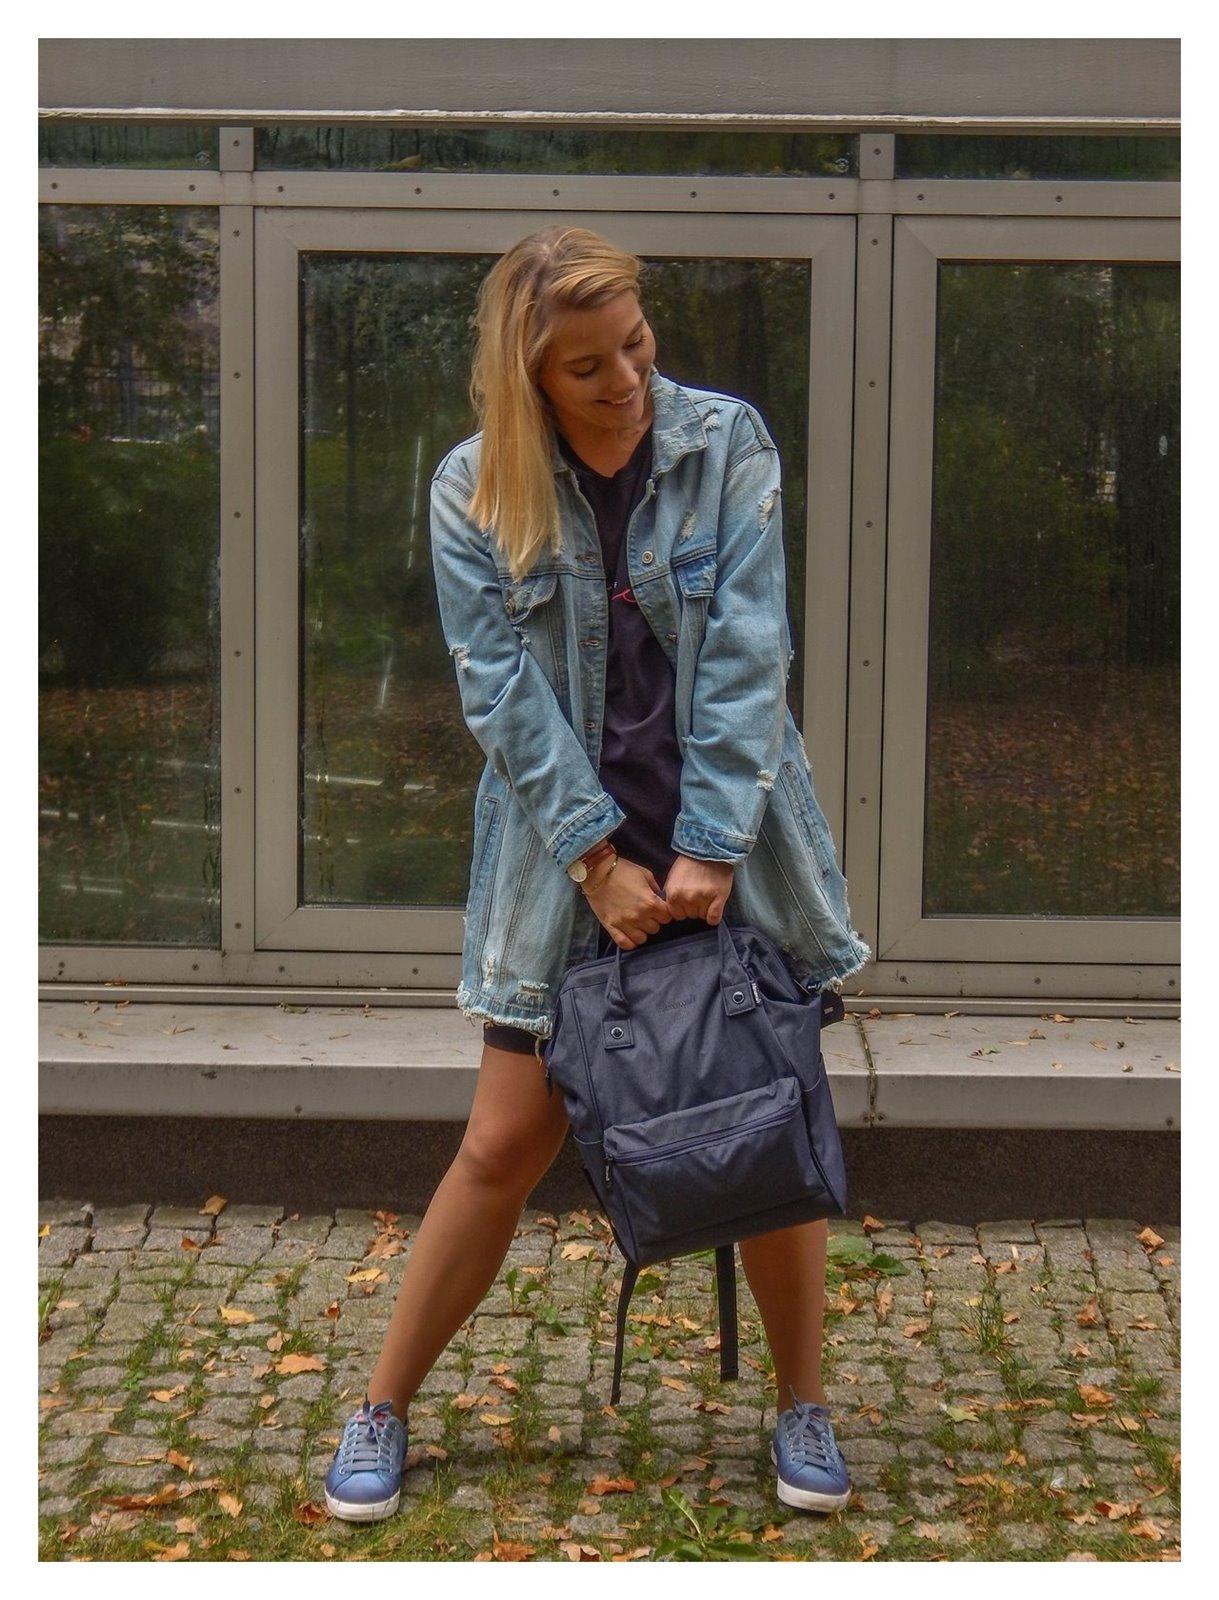 13 plecak idealny do szkoły pracy na wycieczki recenzja opinie jaki plecak kupić wybrać dla dorosłych sportowy elegancki designe jeans volcano answear kod zniżkowy stylizacja coca cola jeans denim style fashion